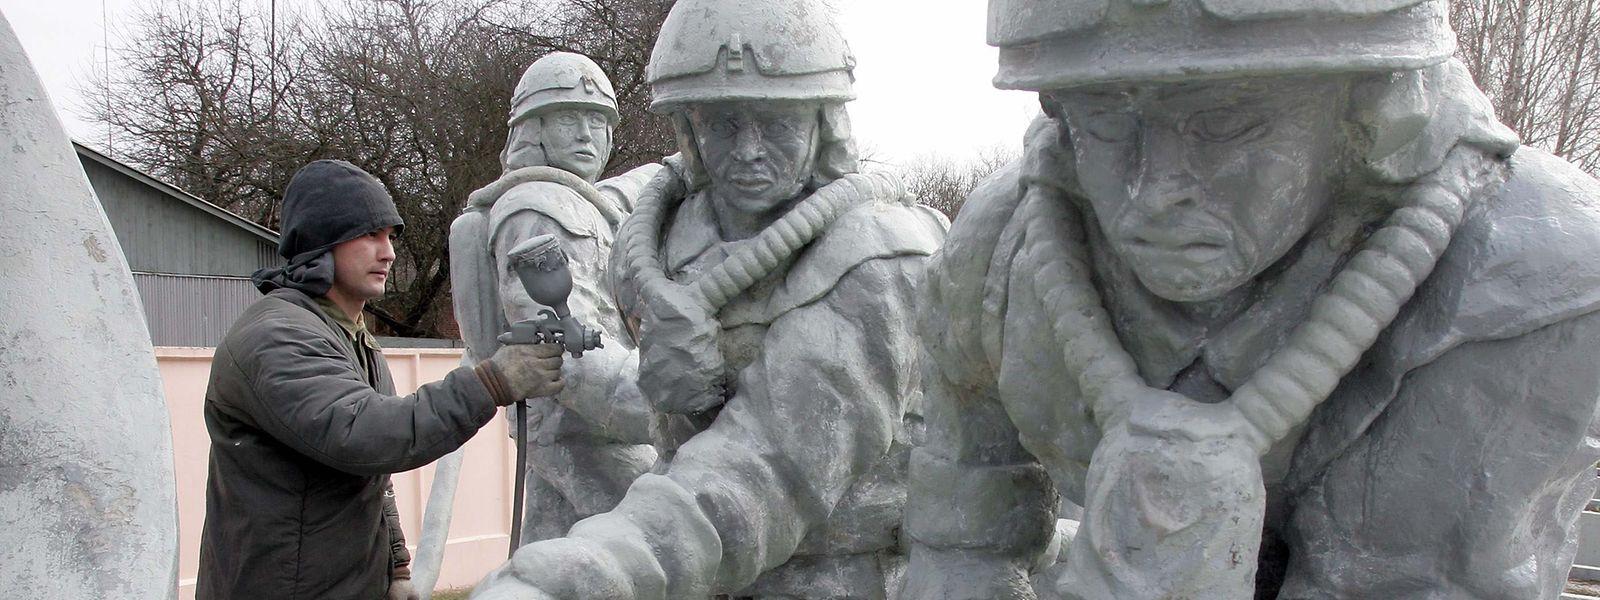 Non loin de la centrale nucléaire, un monument rend hommage aux curateurs qui sont intervenus en premier sur le site sans les protections de rigueur à l'époque.